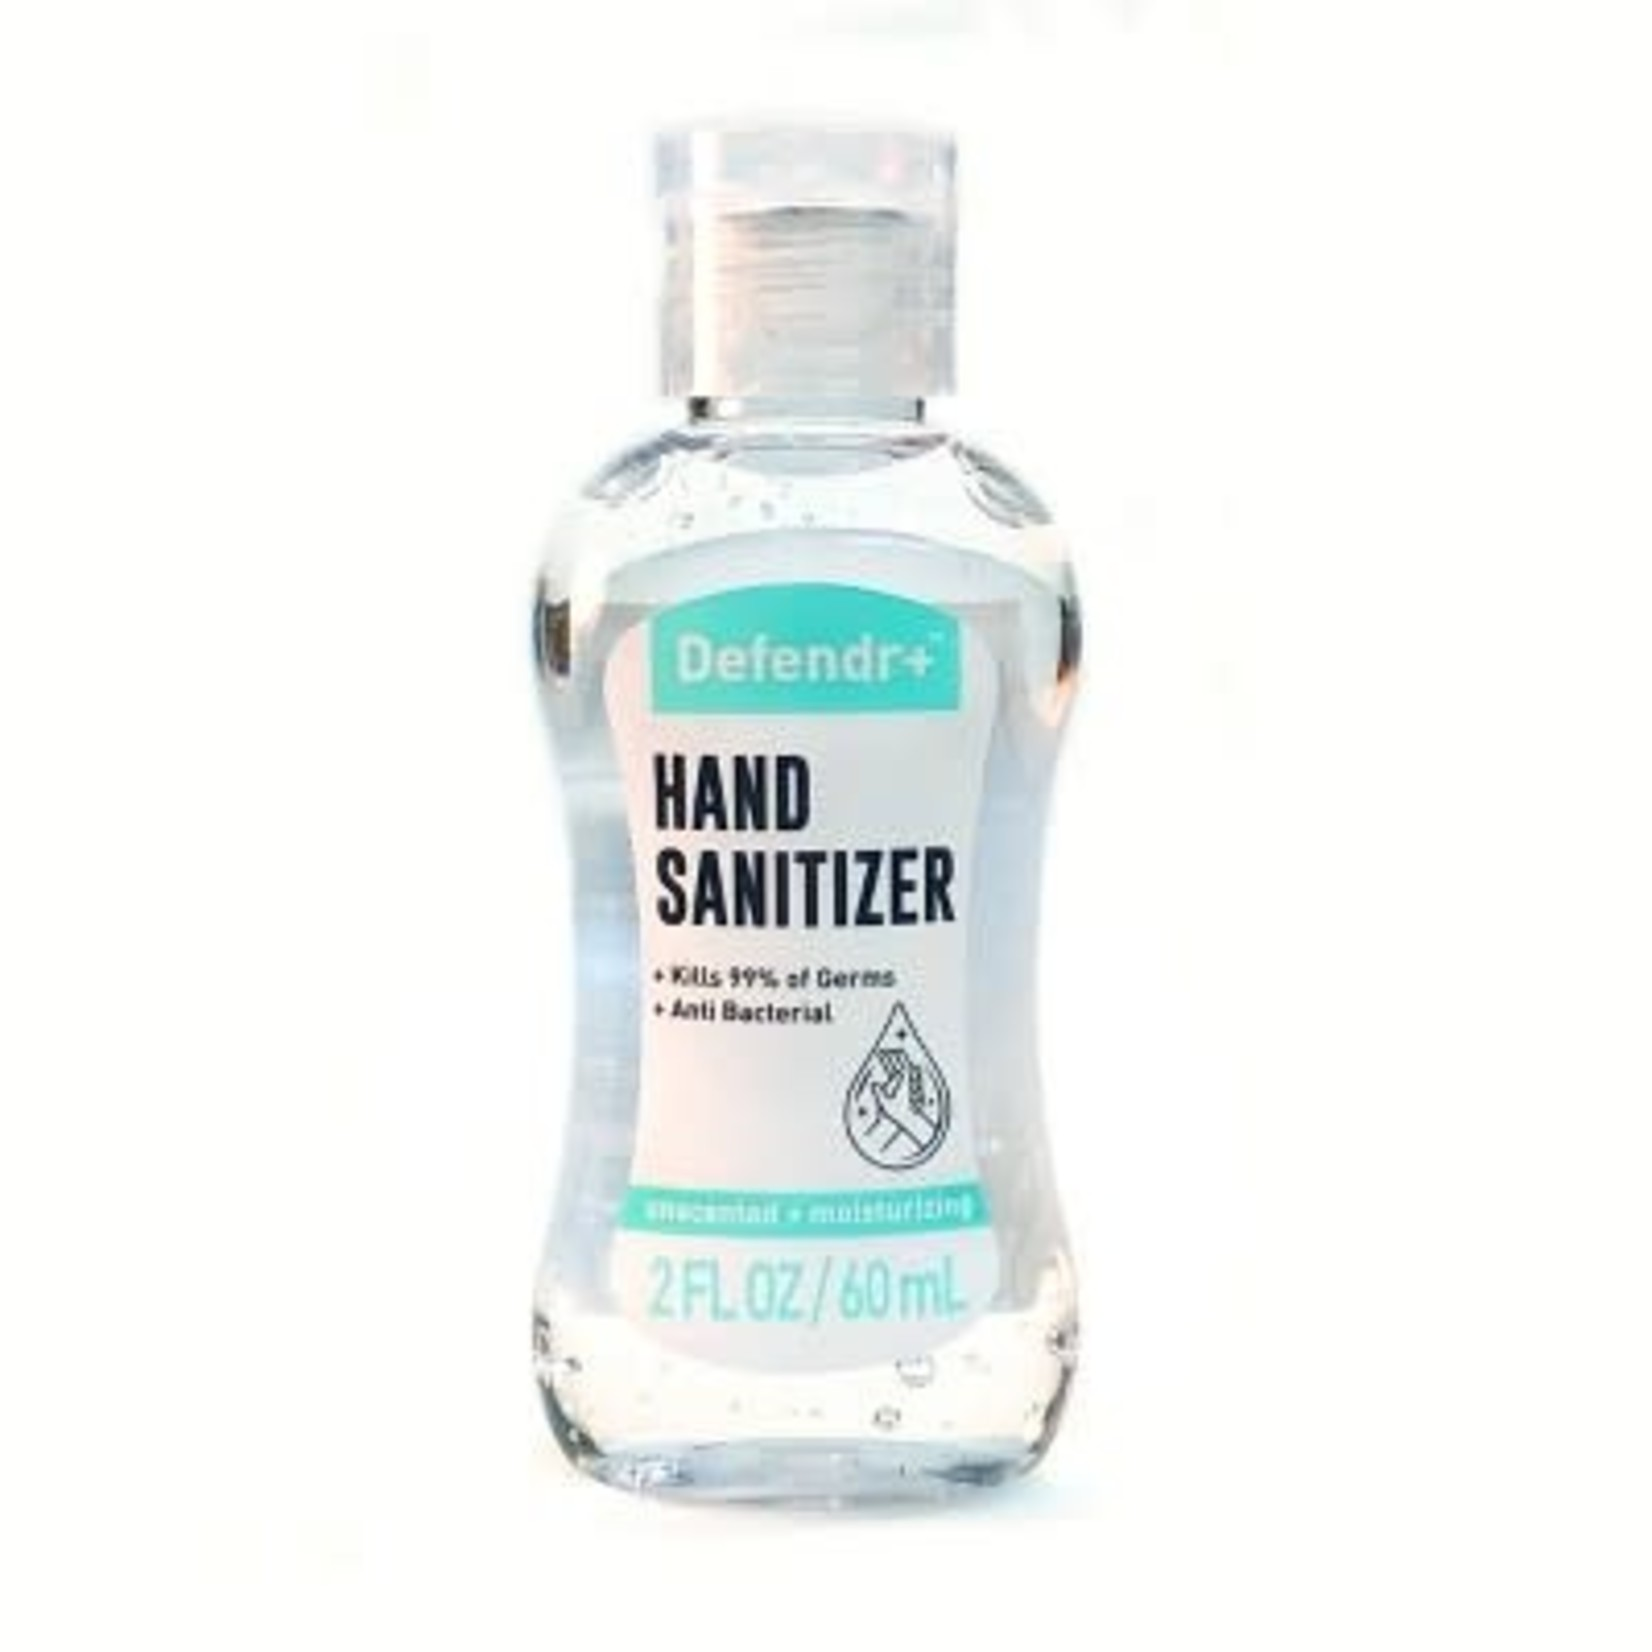 Defendr+ Hand Sanitizer 2floz -Unscented